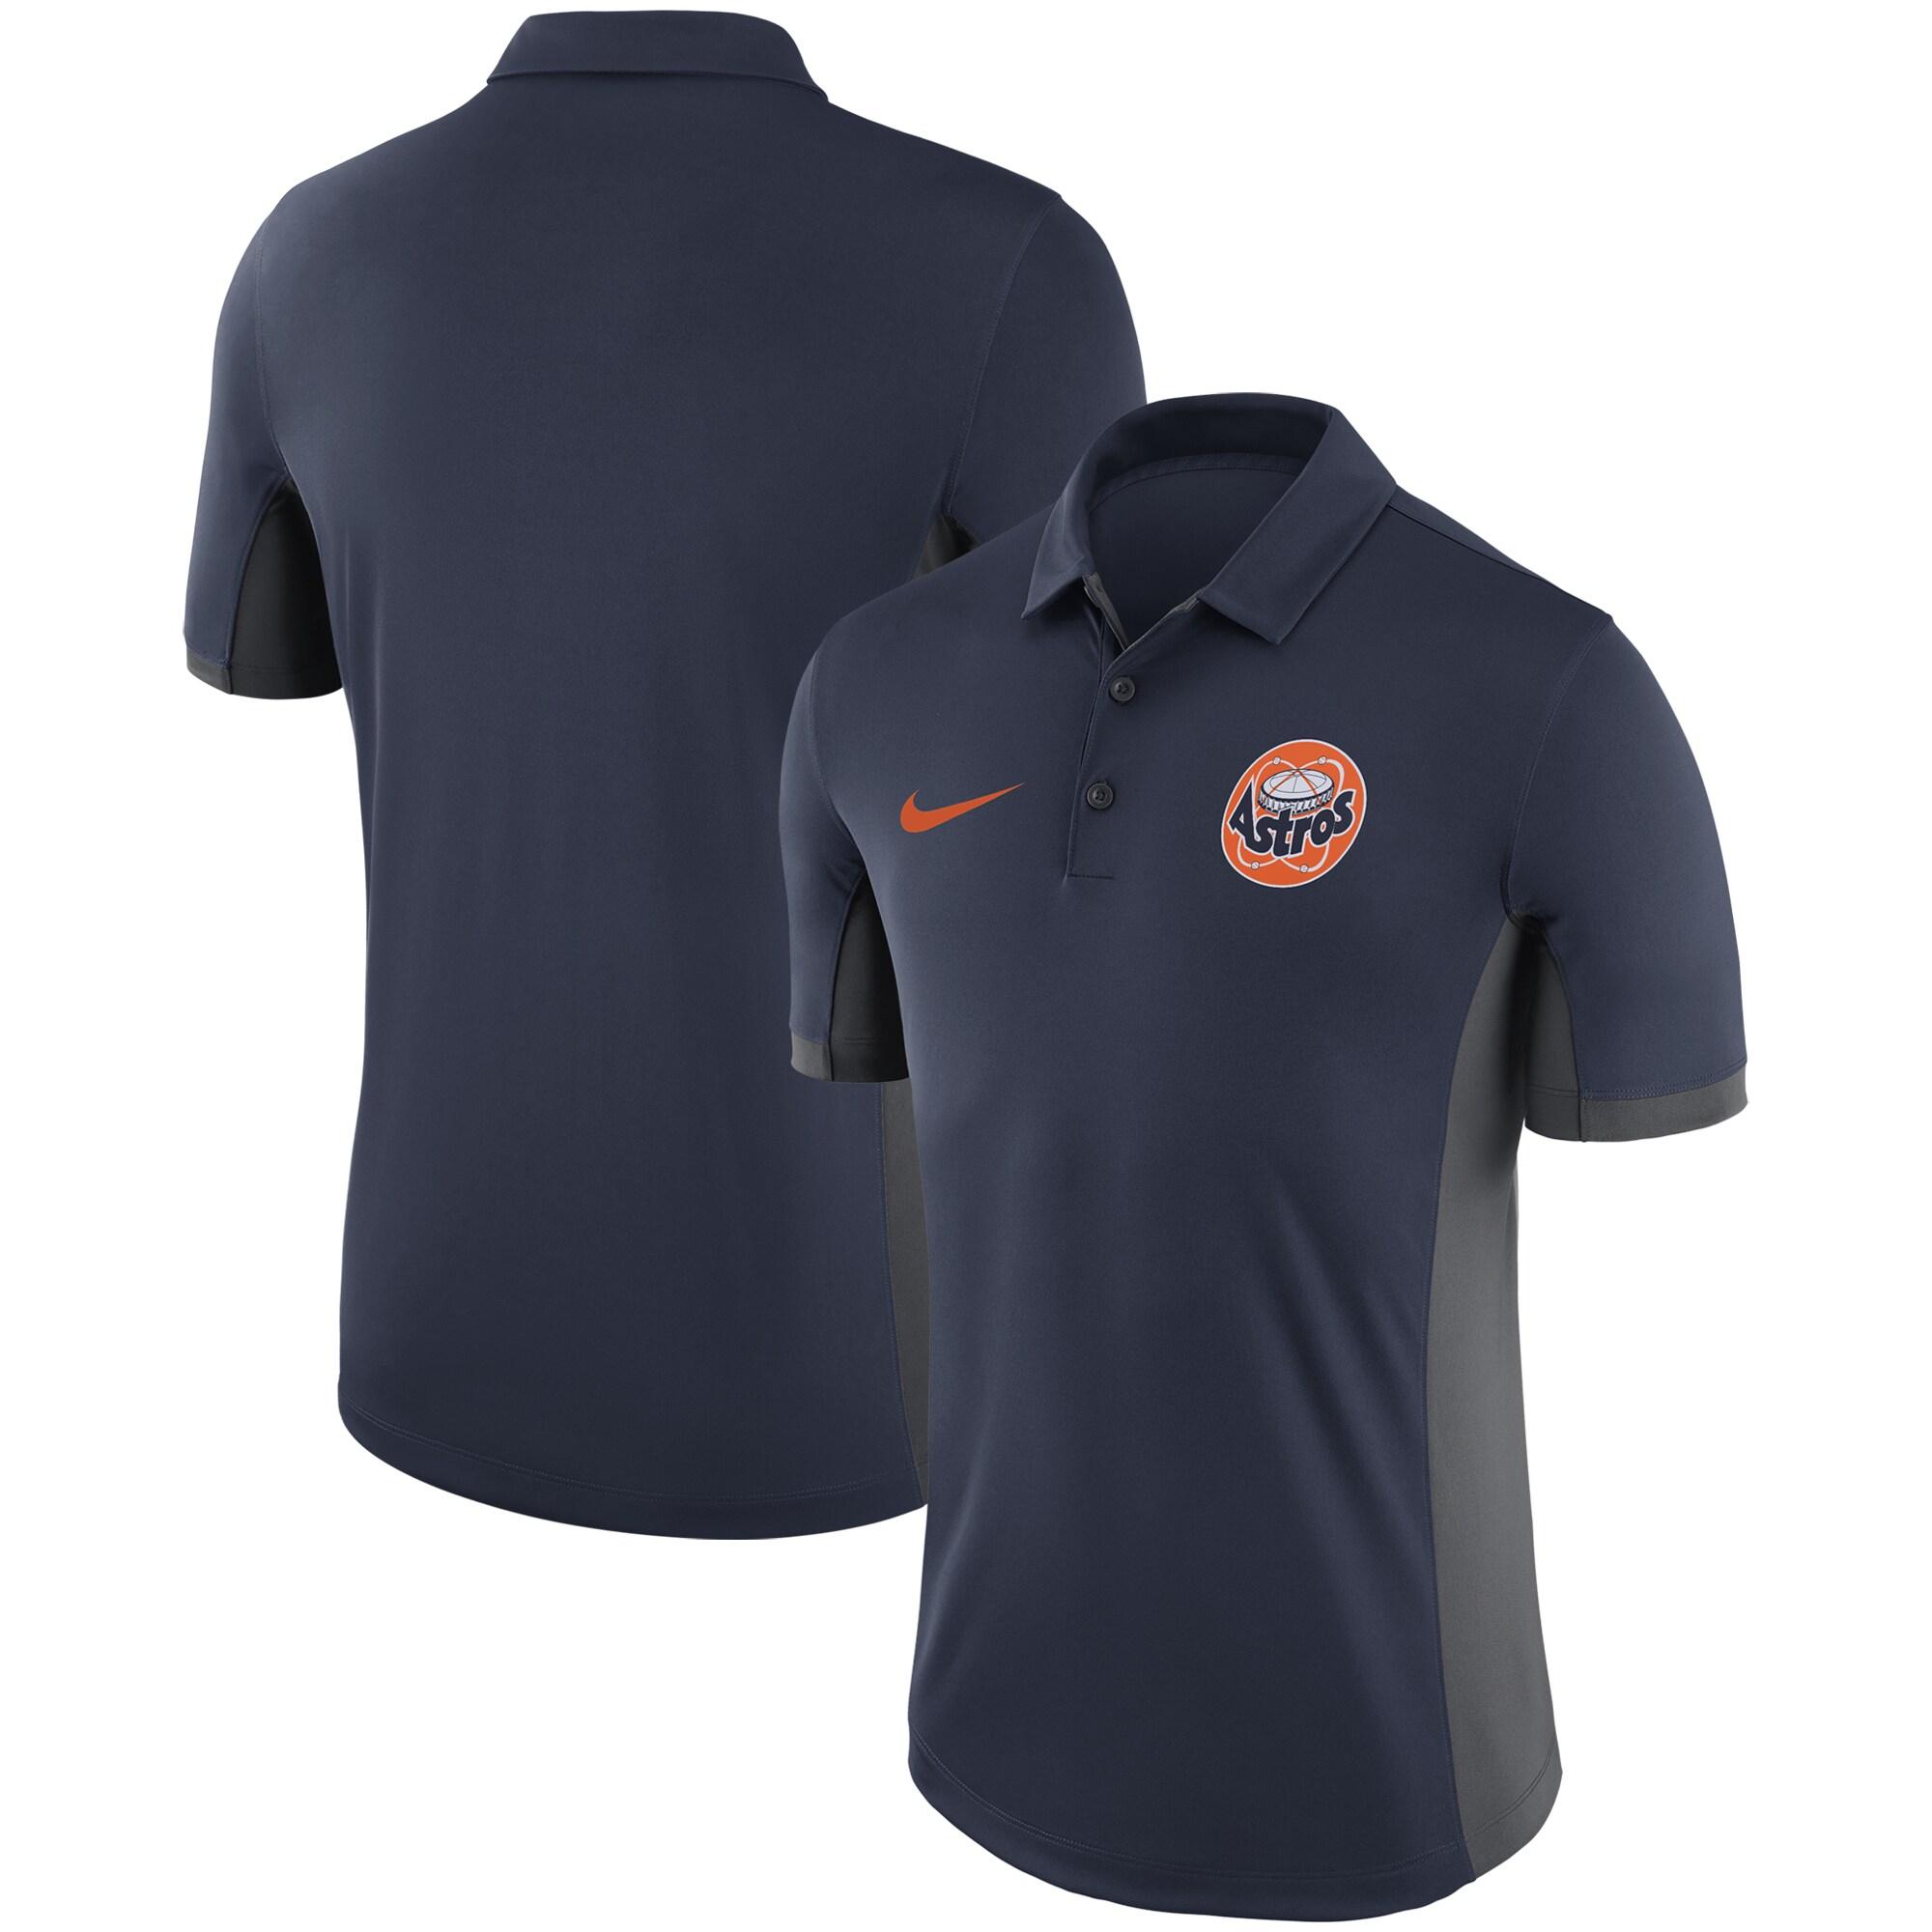 Houston Astros Nike Performance Franchise Polo - Navy